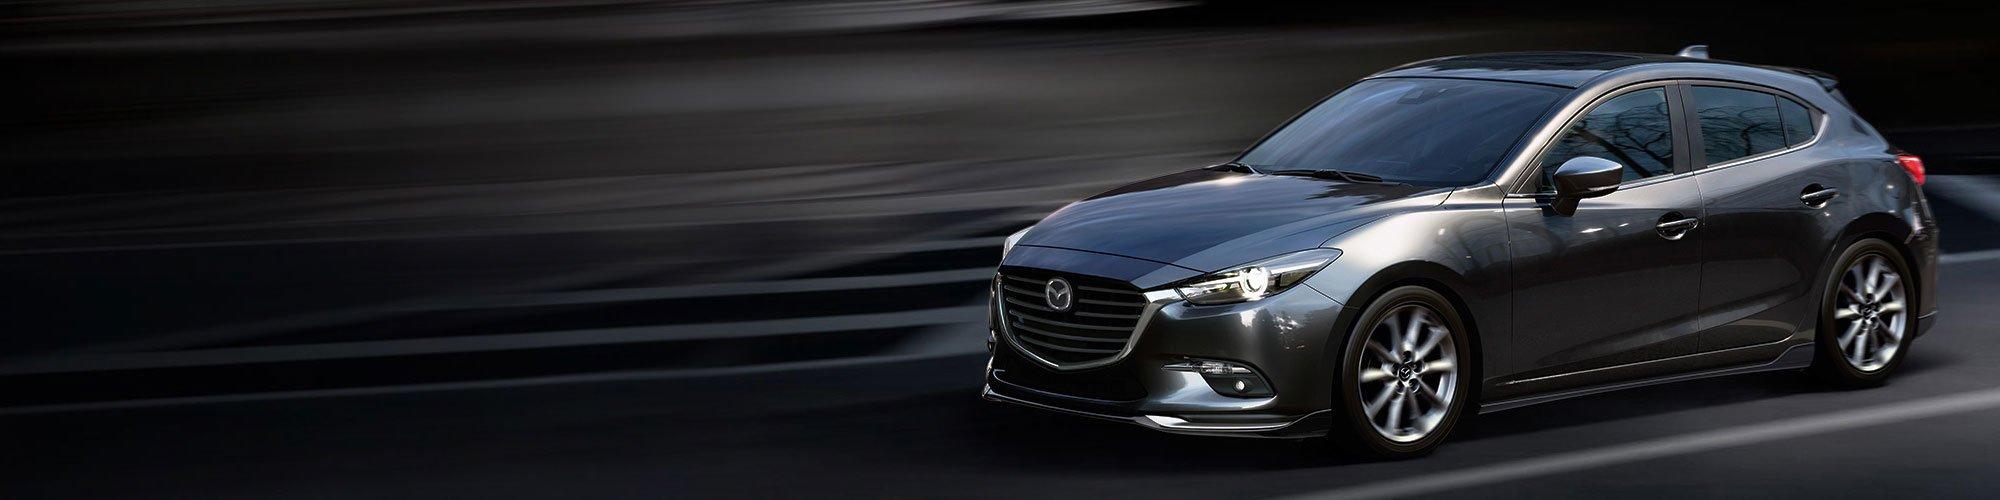 New Mazda Mazda3 Hatchback For Sale Pensacola FL